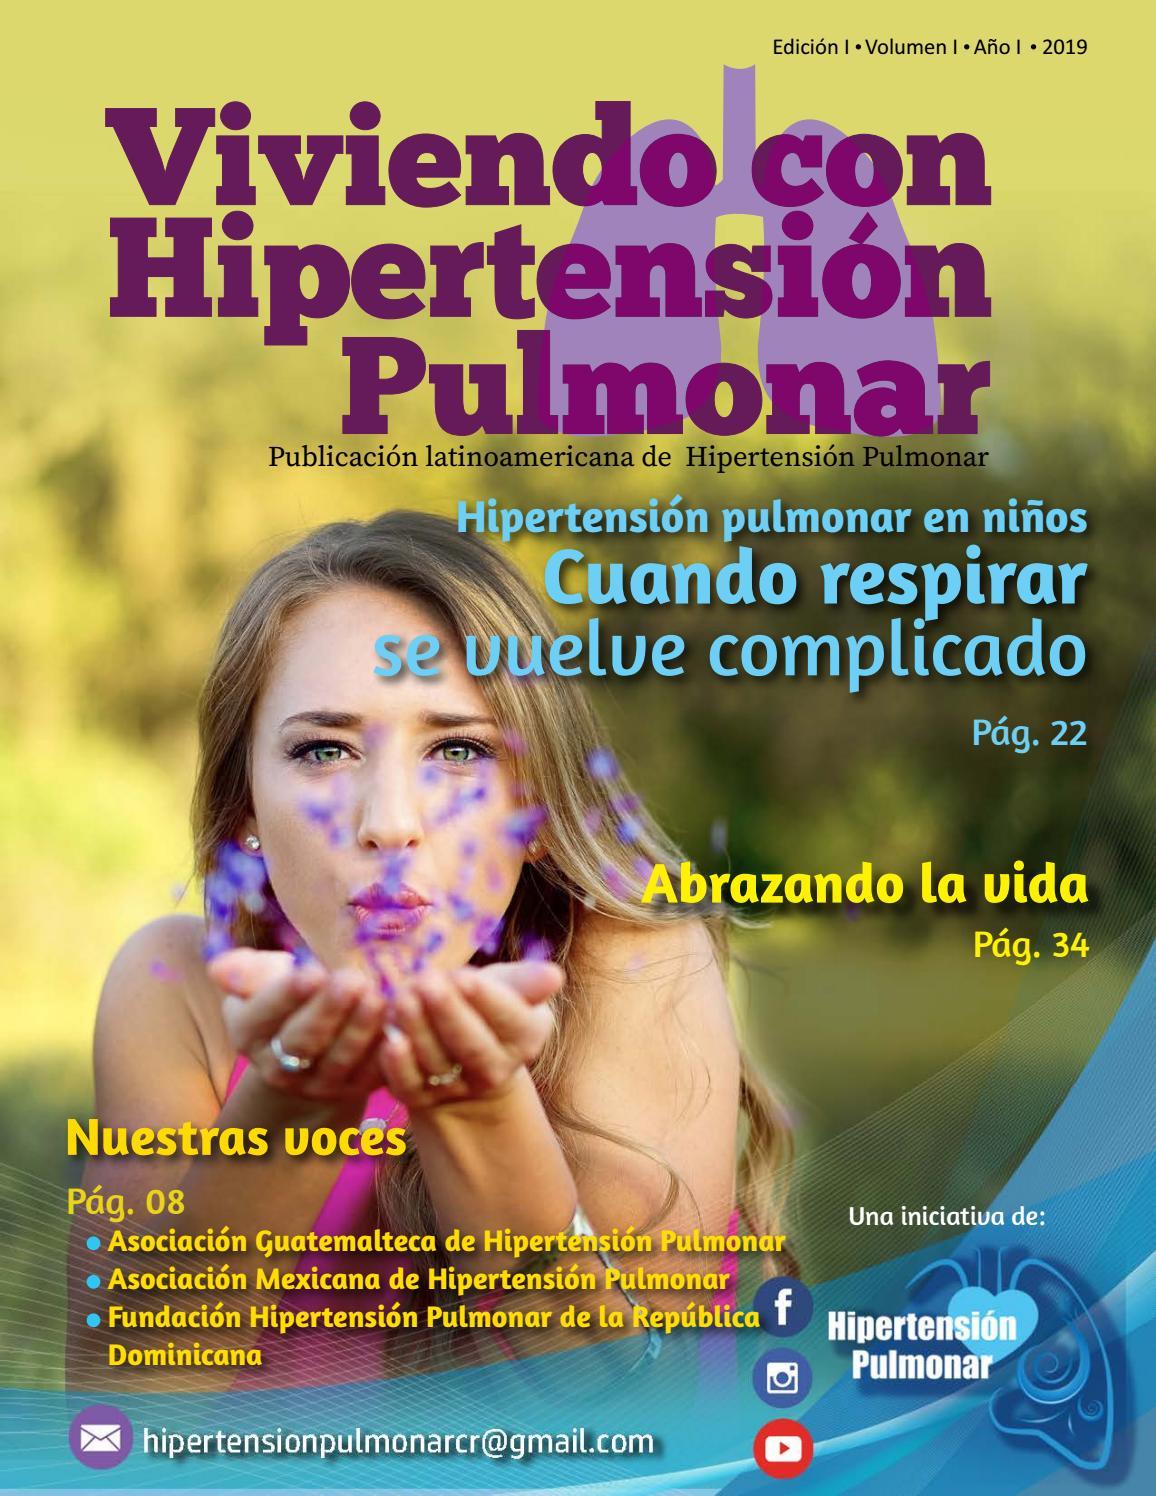 Hipertensión pulmonar y dolor en el pecho derecho